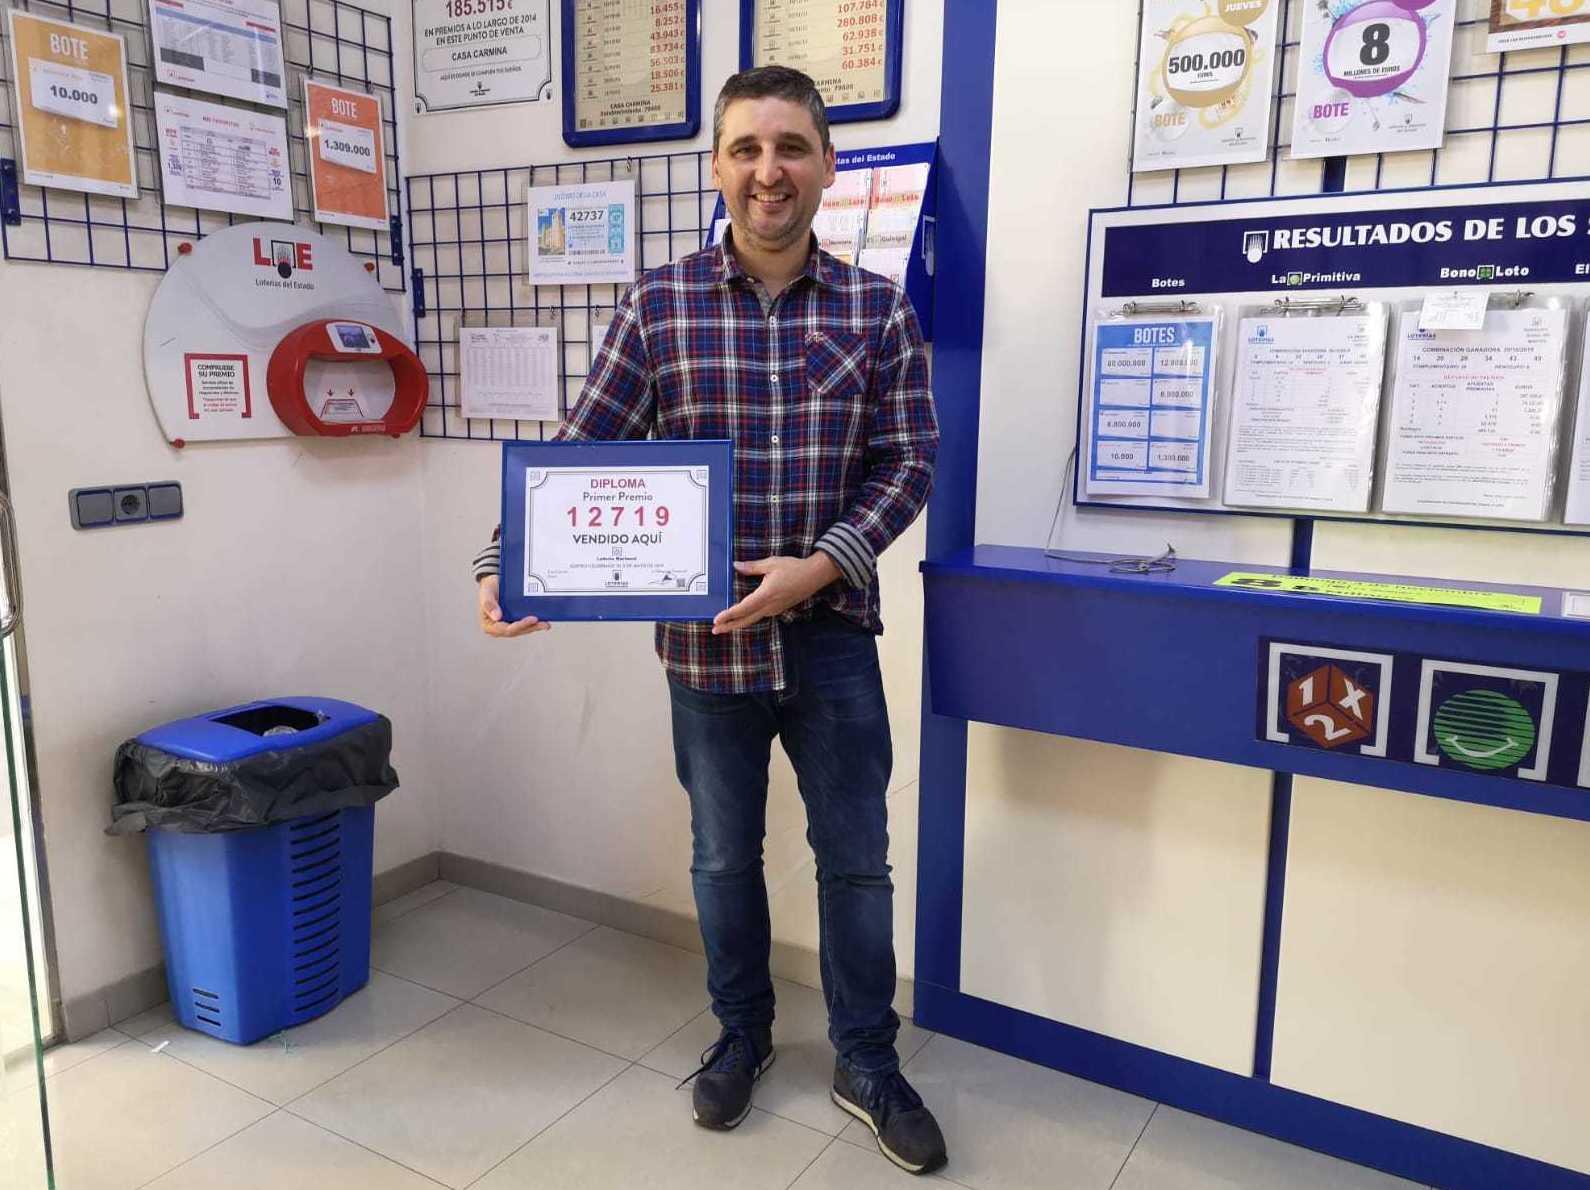 Entrega del diploma del primer premio de loteria nacional de los jueves